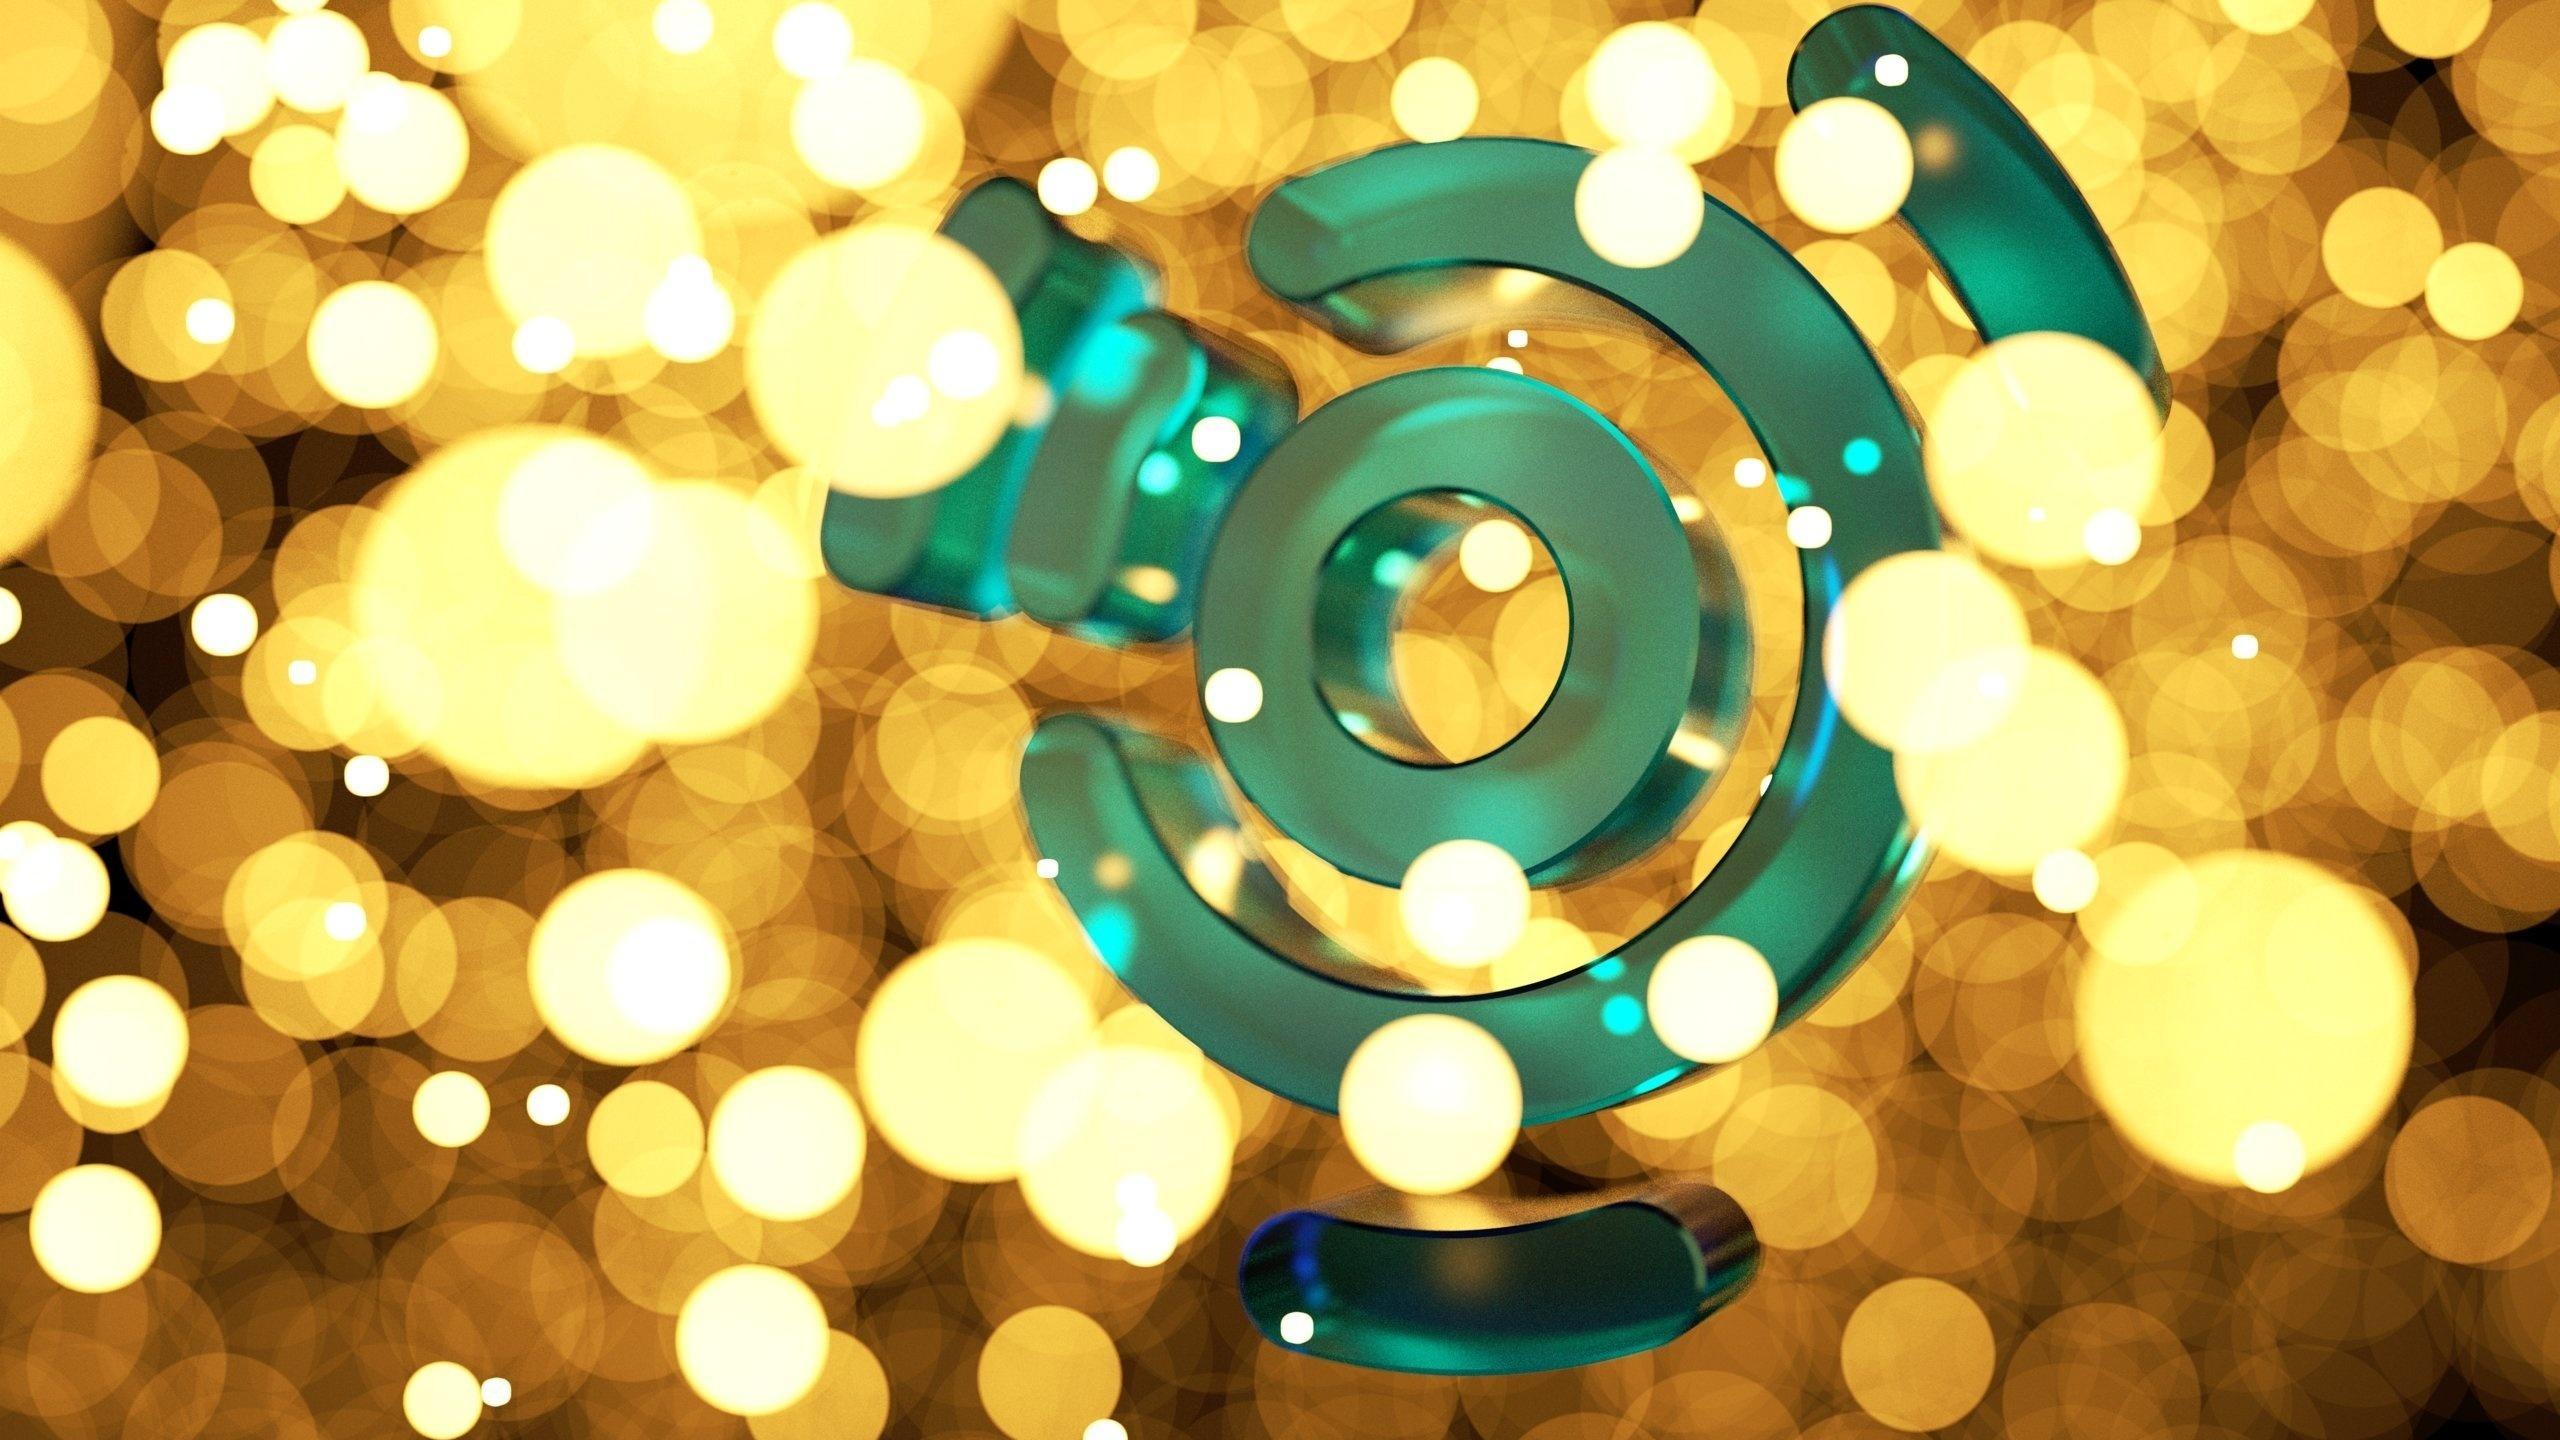 круги, Ubuntu, studio iii